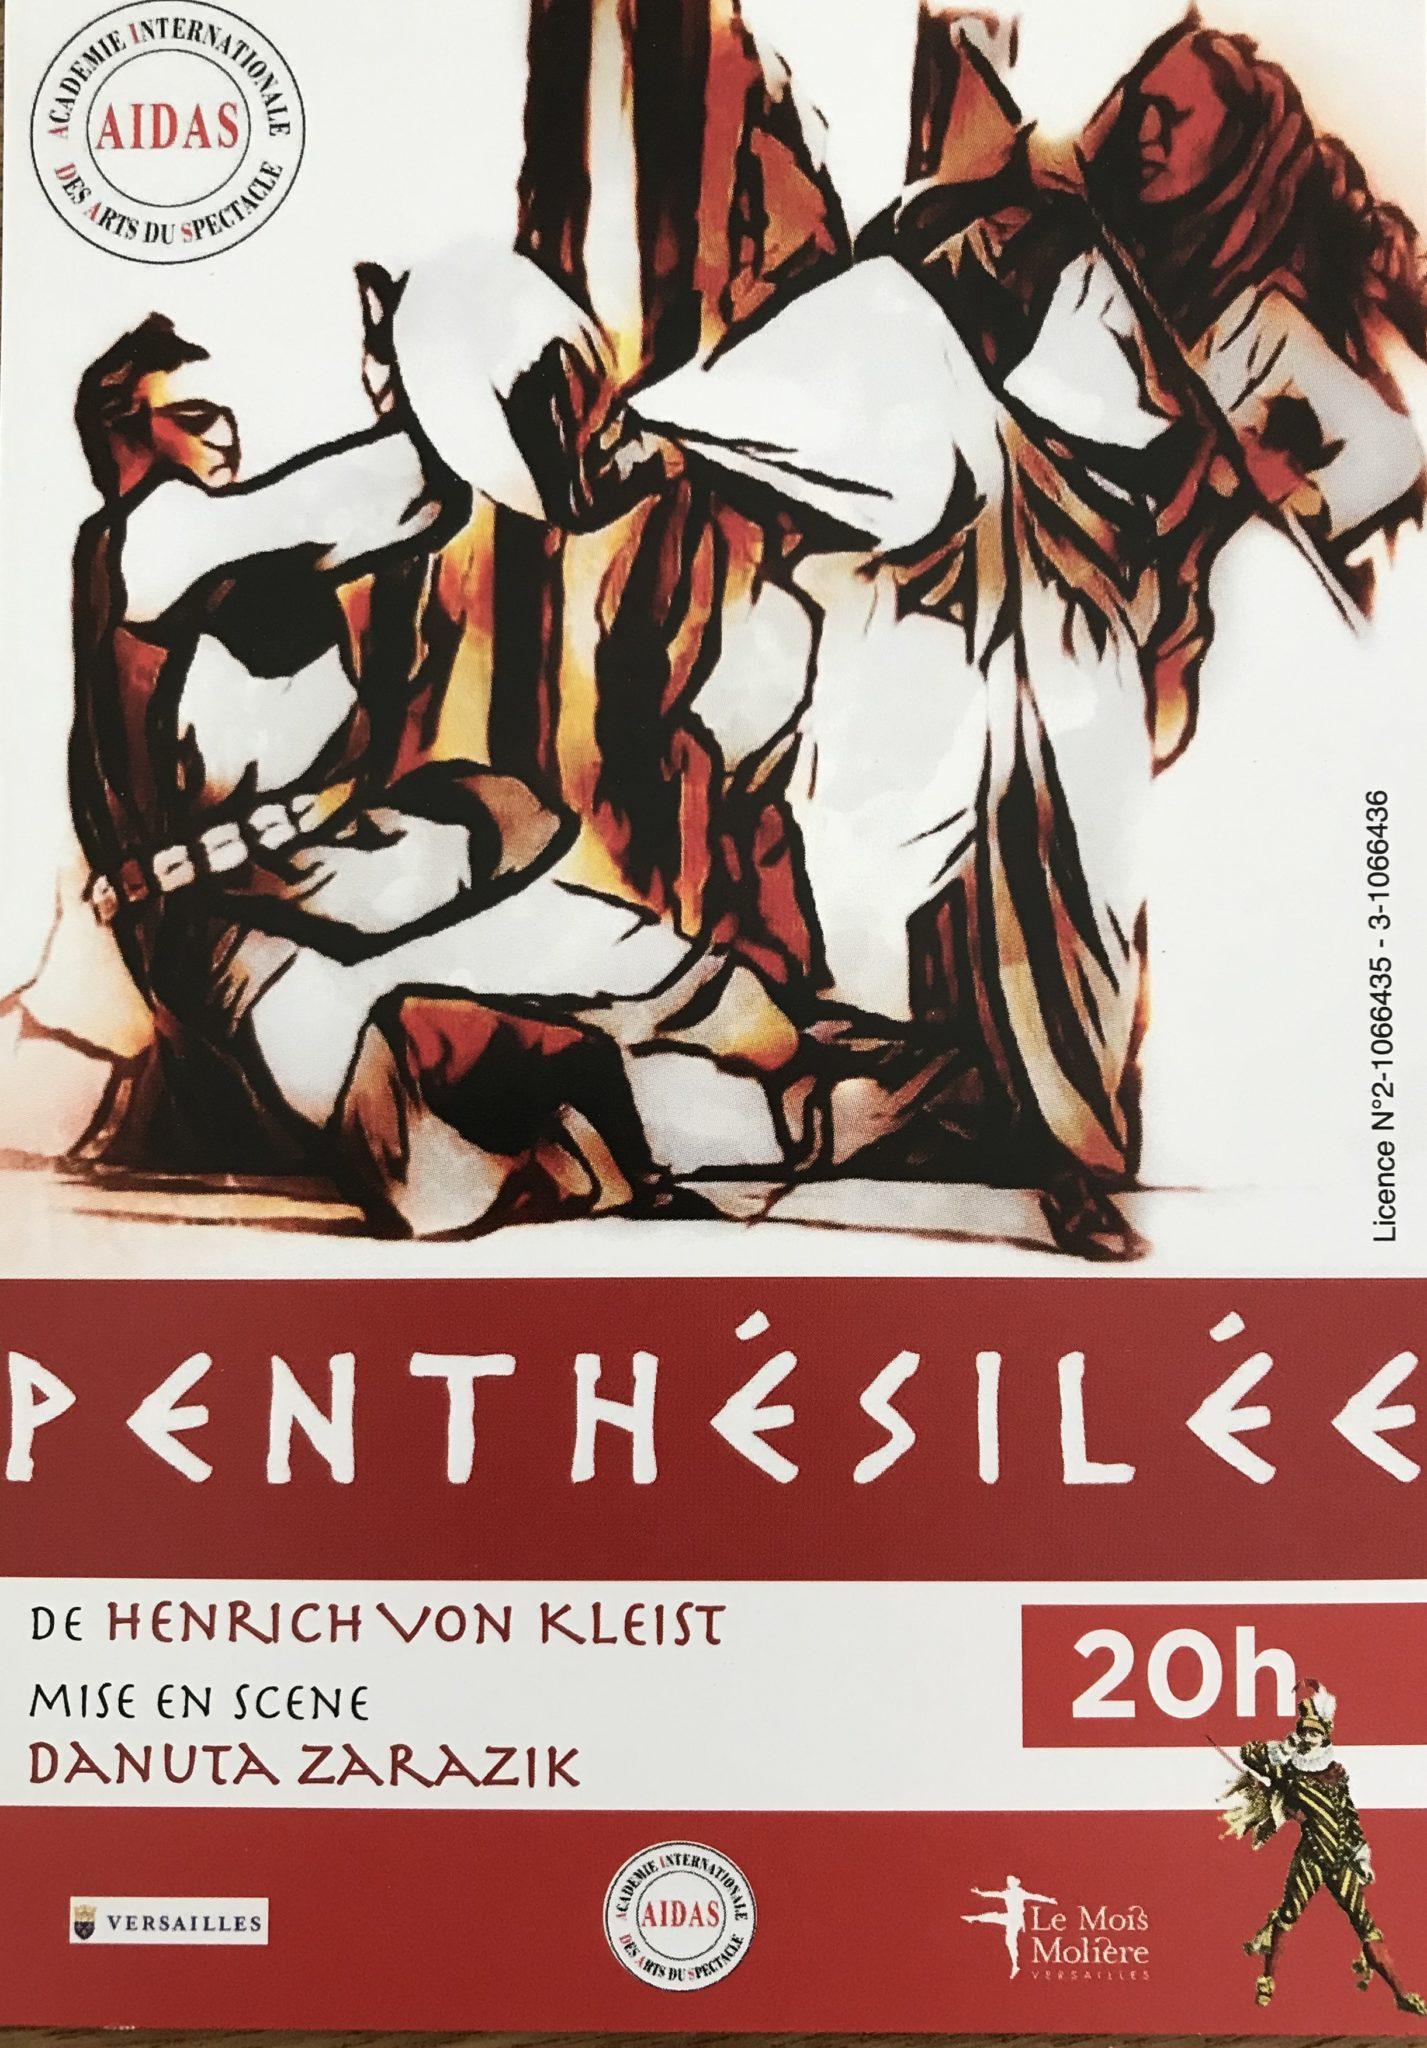 Penthésilée de Henrich von Kleist mise en scène de Danuta Zarazik